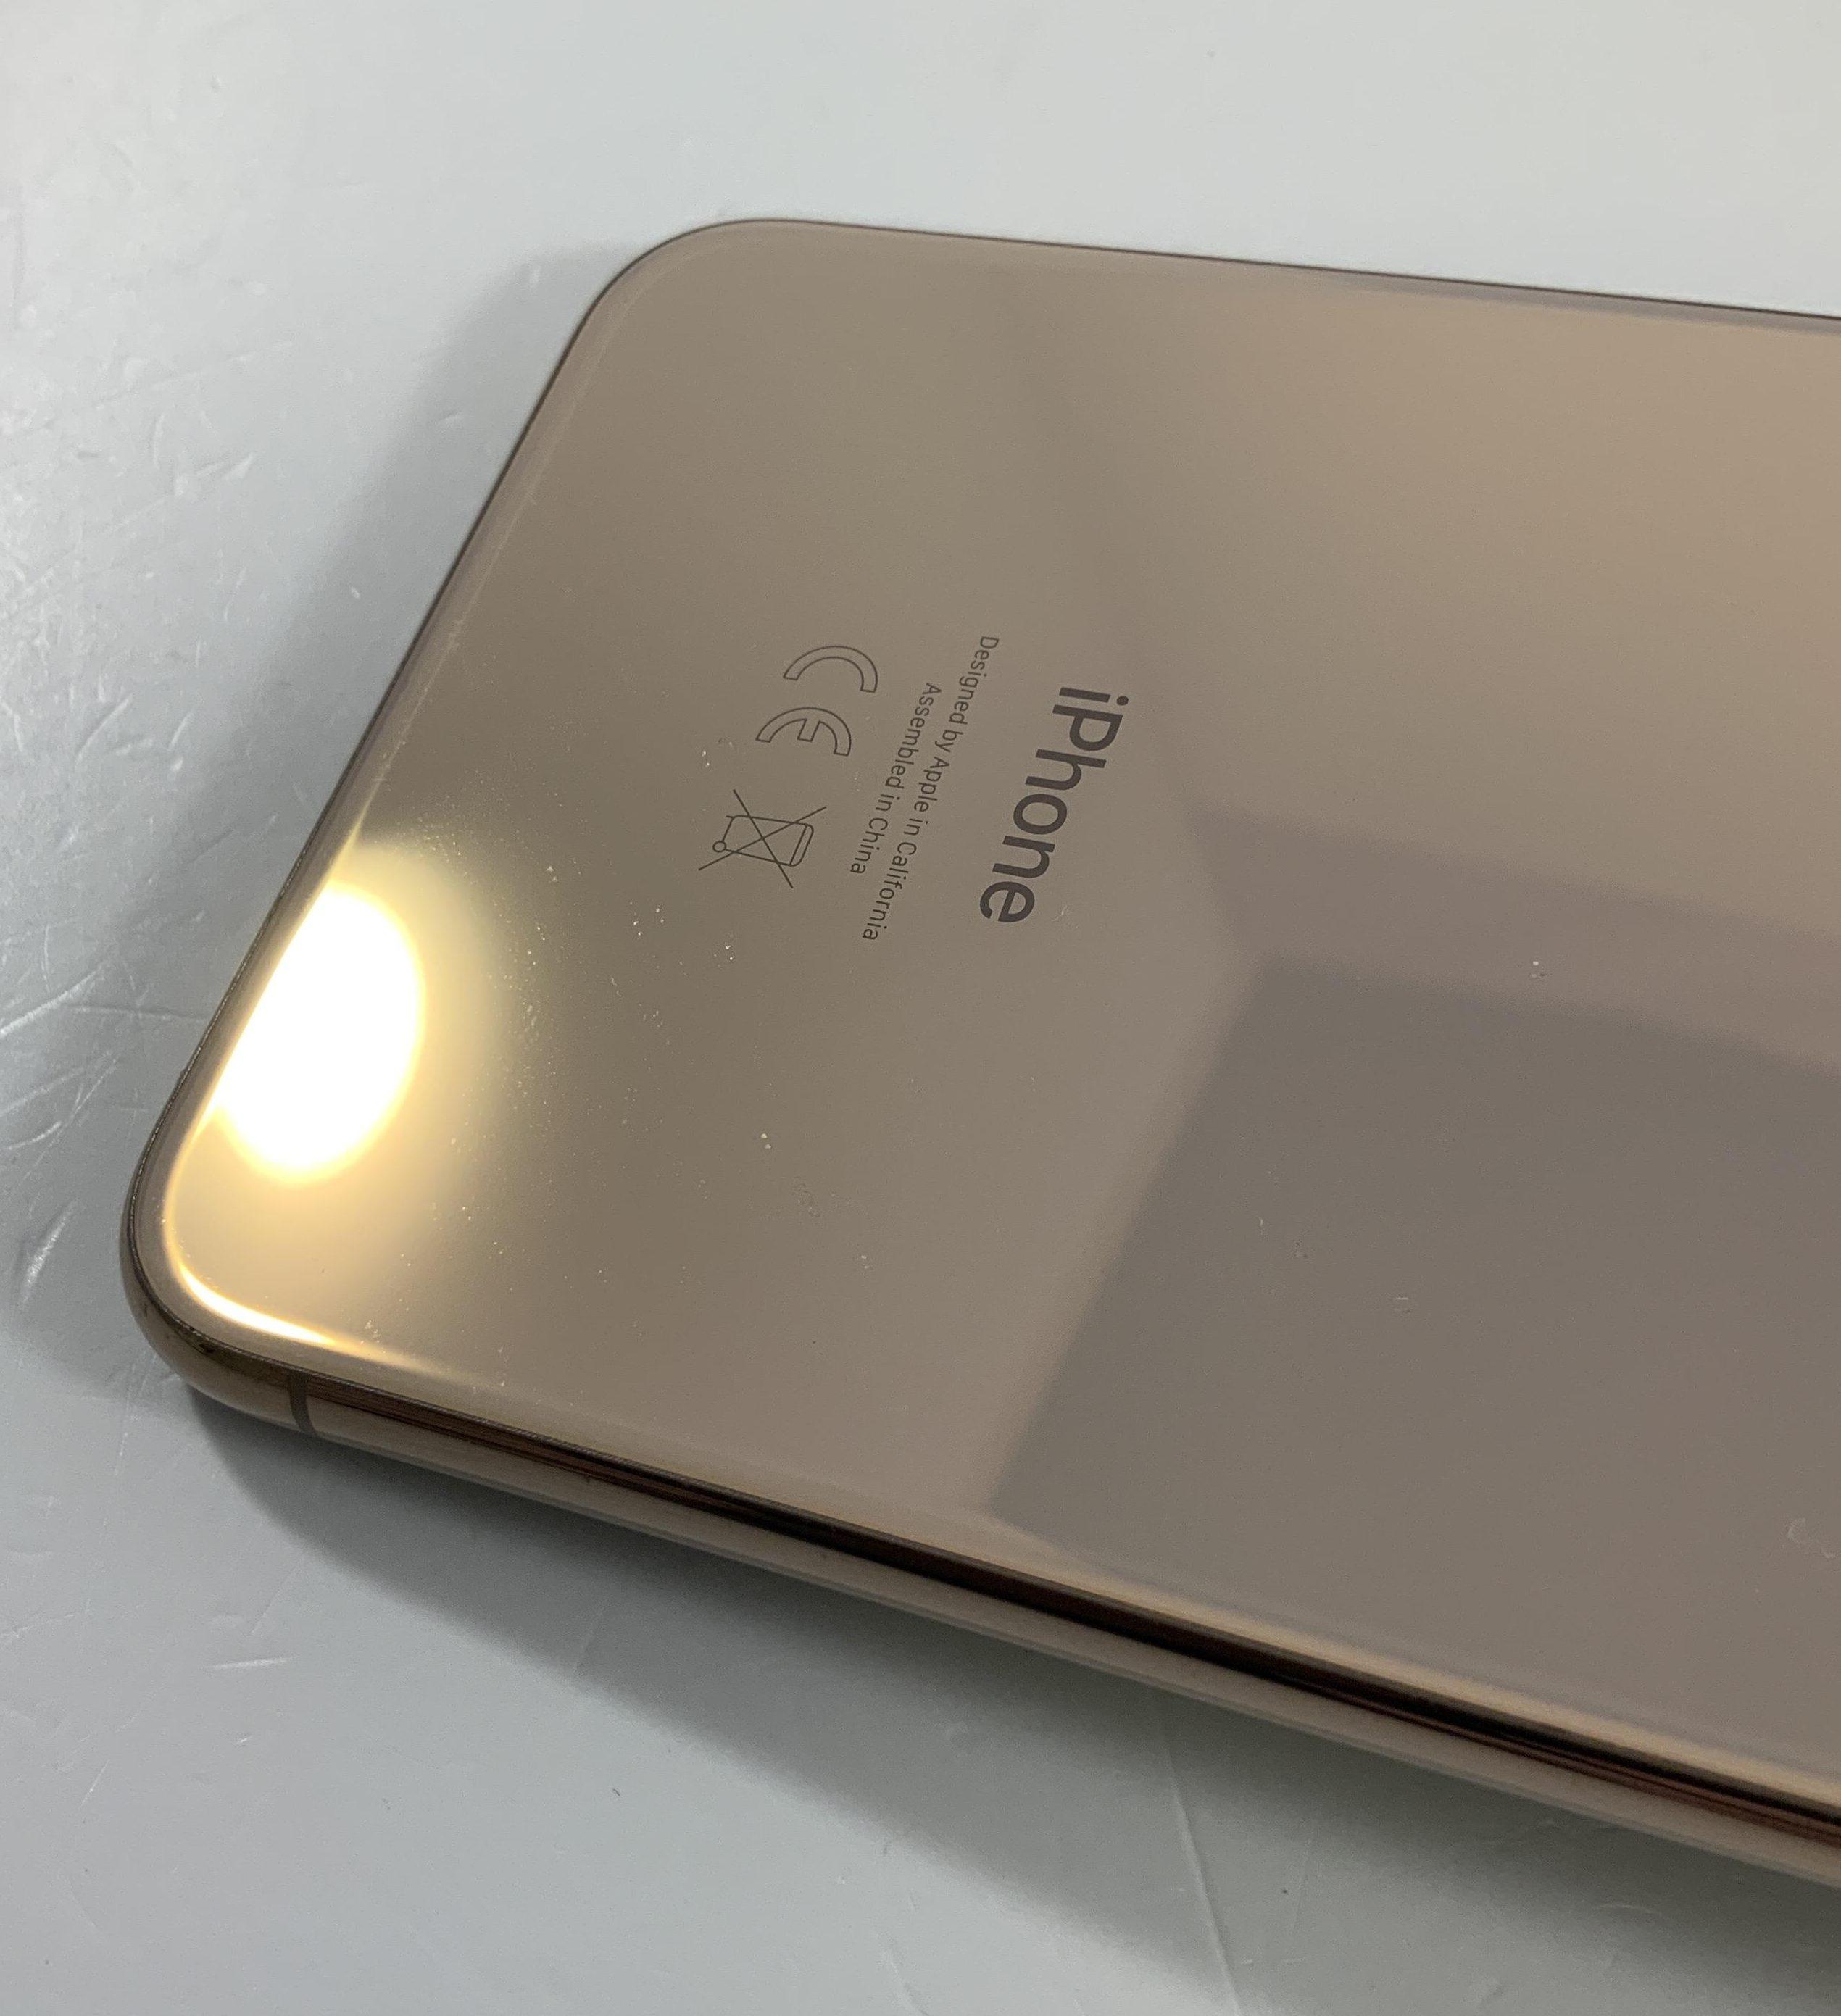 iPhone XS Max 64GB, 64GB, Gold, Bild 4